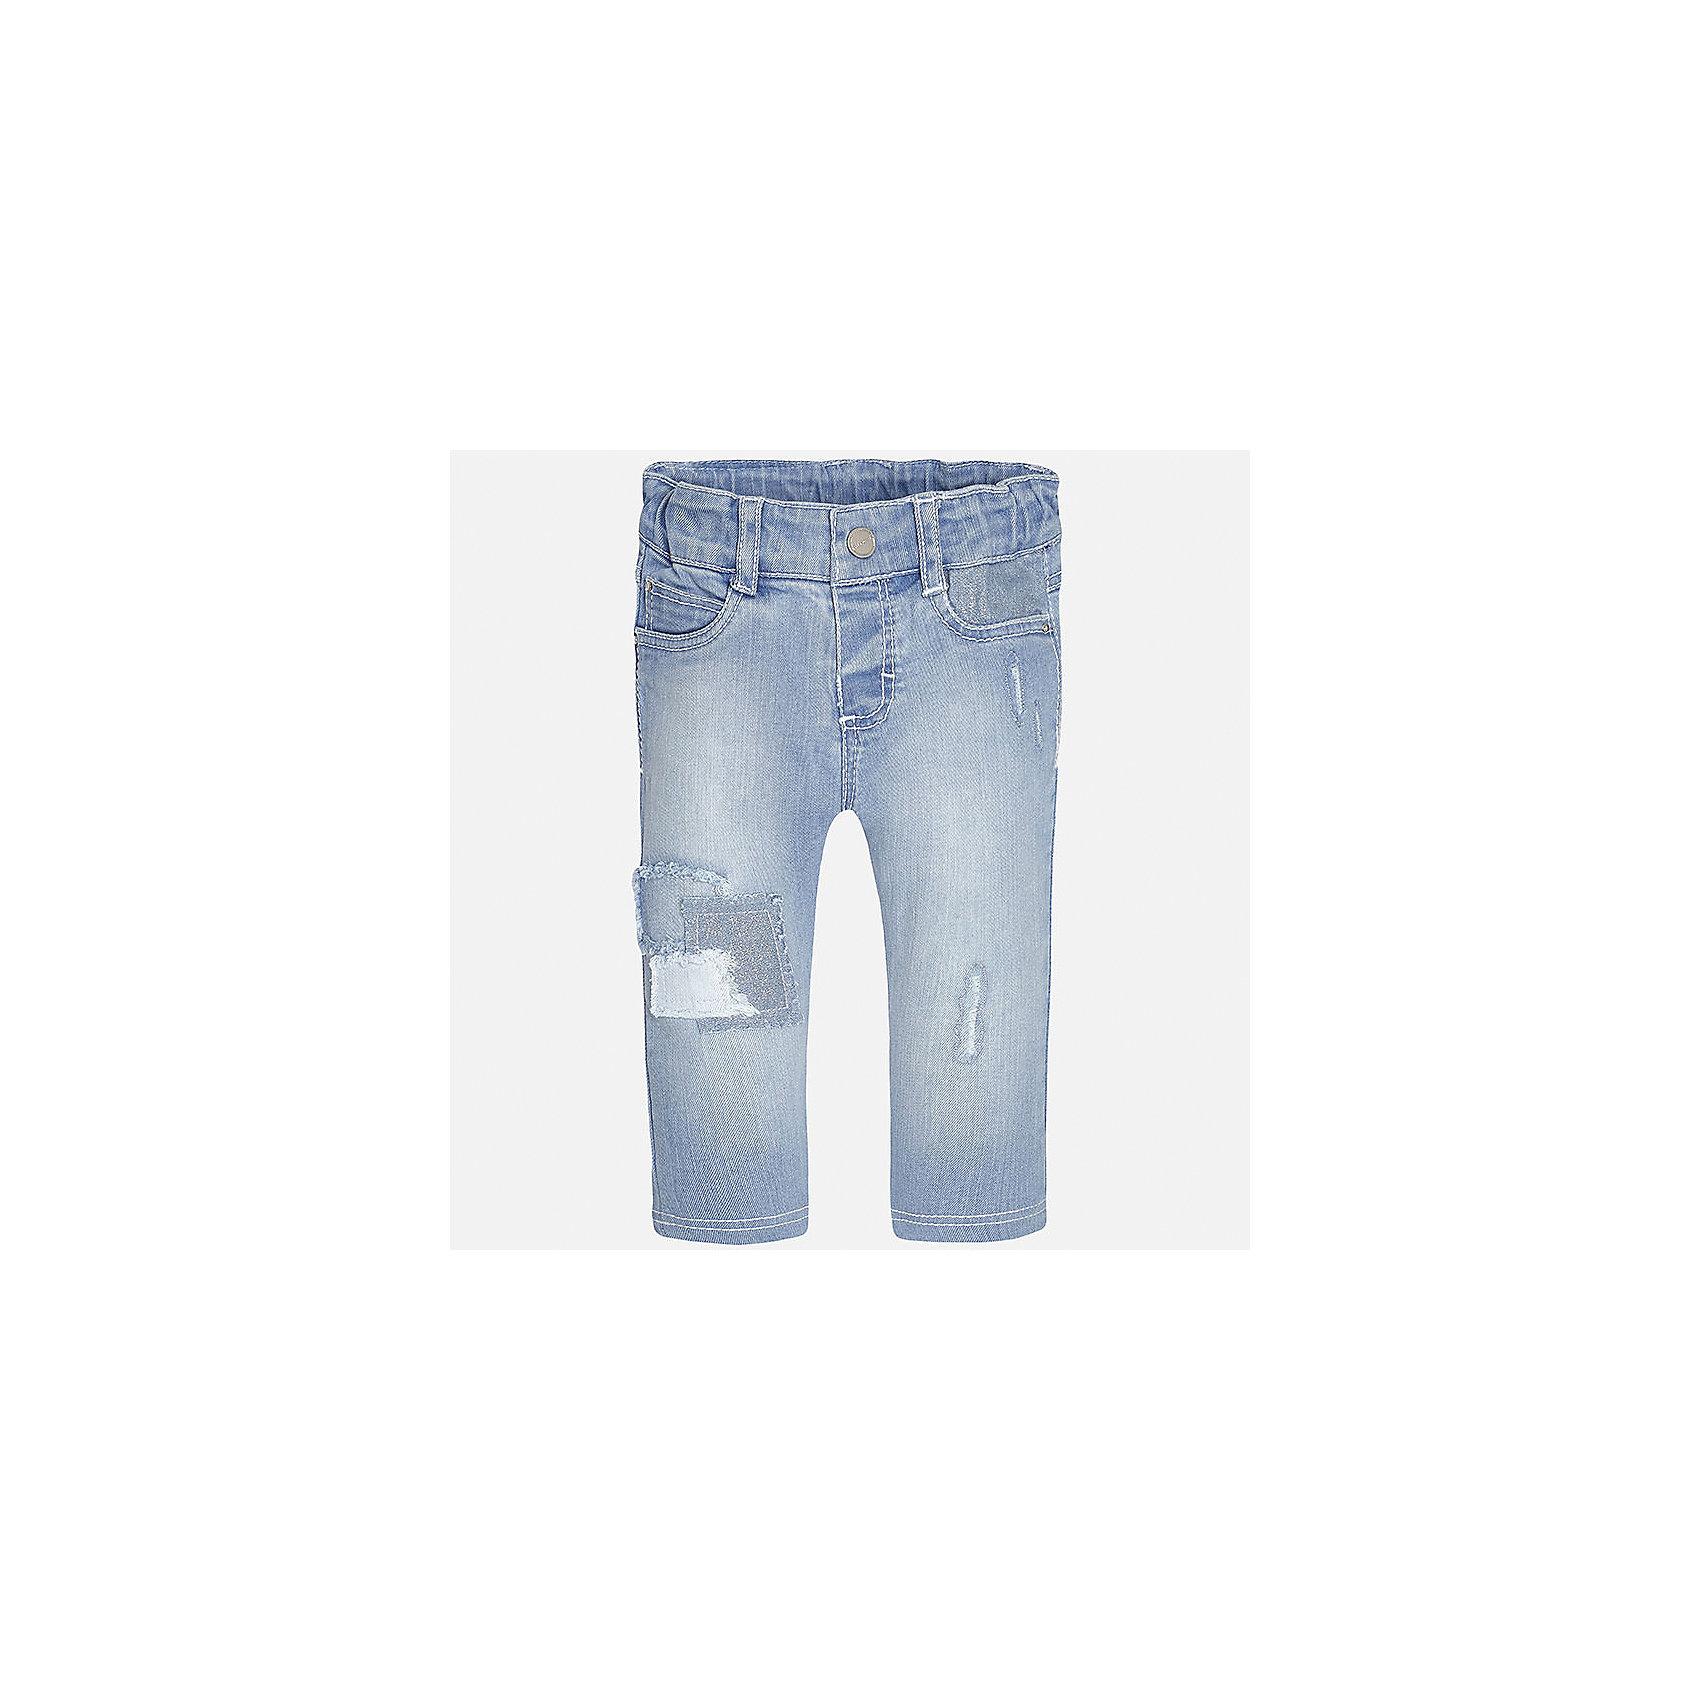 Джинсы для девочки MayoralДжинсовая одежда<br>Характеристики товара:<br><br>• цвет: голубой<br>• состав: 98% хлопок, 2% эластан<br>• эффект потертости<br>• карманы<br>• пояс с регулировкой объема<br>• шлевки<br>• страна бренда: Испания<br><br>Стильные джинсы для девочки смогут разнообразить гардероб ребенка и украсить наряд. Они отлично сочетаются с майками, футболками, блузками. Красивый оттенок позволяет подобрать к вещи верх разных расцветок. Интересный крой модели делает её нарядной и оригинальной. В составе материала - натуральный хлопок, гипоаллергенный, приятный на ощупь, дышащий.<br><br>Одежда, обувь и аксессуары от испанского бренда Mayoral полюбились детям и взрослым по всему миру. Модели этой марки - стильные и удобные. Для их производства используются только безопасные, качественные материалы и фурнитура. Порадуйте ребенка модными и красивыми вещами от Mayoral! <br><br>Джинсы для девочки от испанского бренда Mayoral (Майорал) можно купить в нашем интернет-магазине.<br><br>Ширина мм: 215<br>Глубина мм: 88<br>Высота мм: 191<br>Вес г: 336<br>Цвет: голубой<br>Возраст от месяцев: 6<br>Возраст до месяцев: 9<br>Пол: Женский<br>Возраст: Детский<br>Размер: 74,92,80,86<br>SKU: 5288996